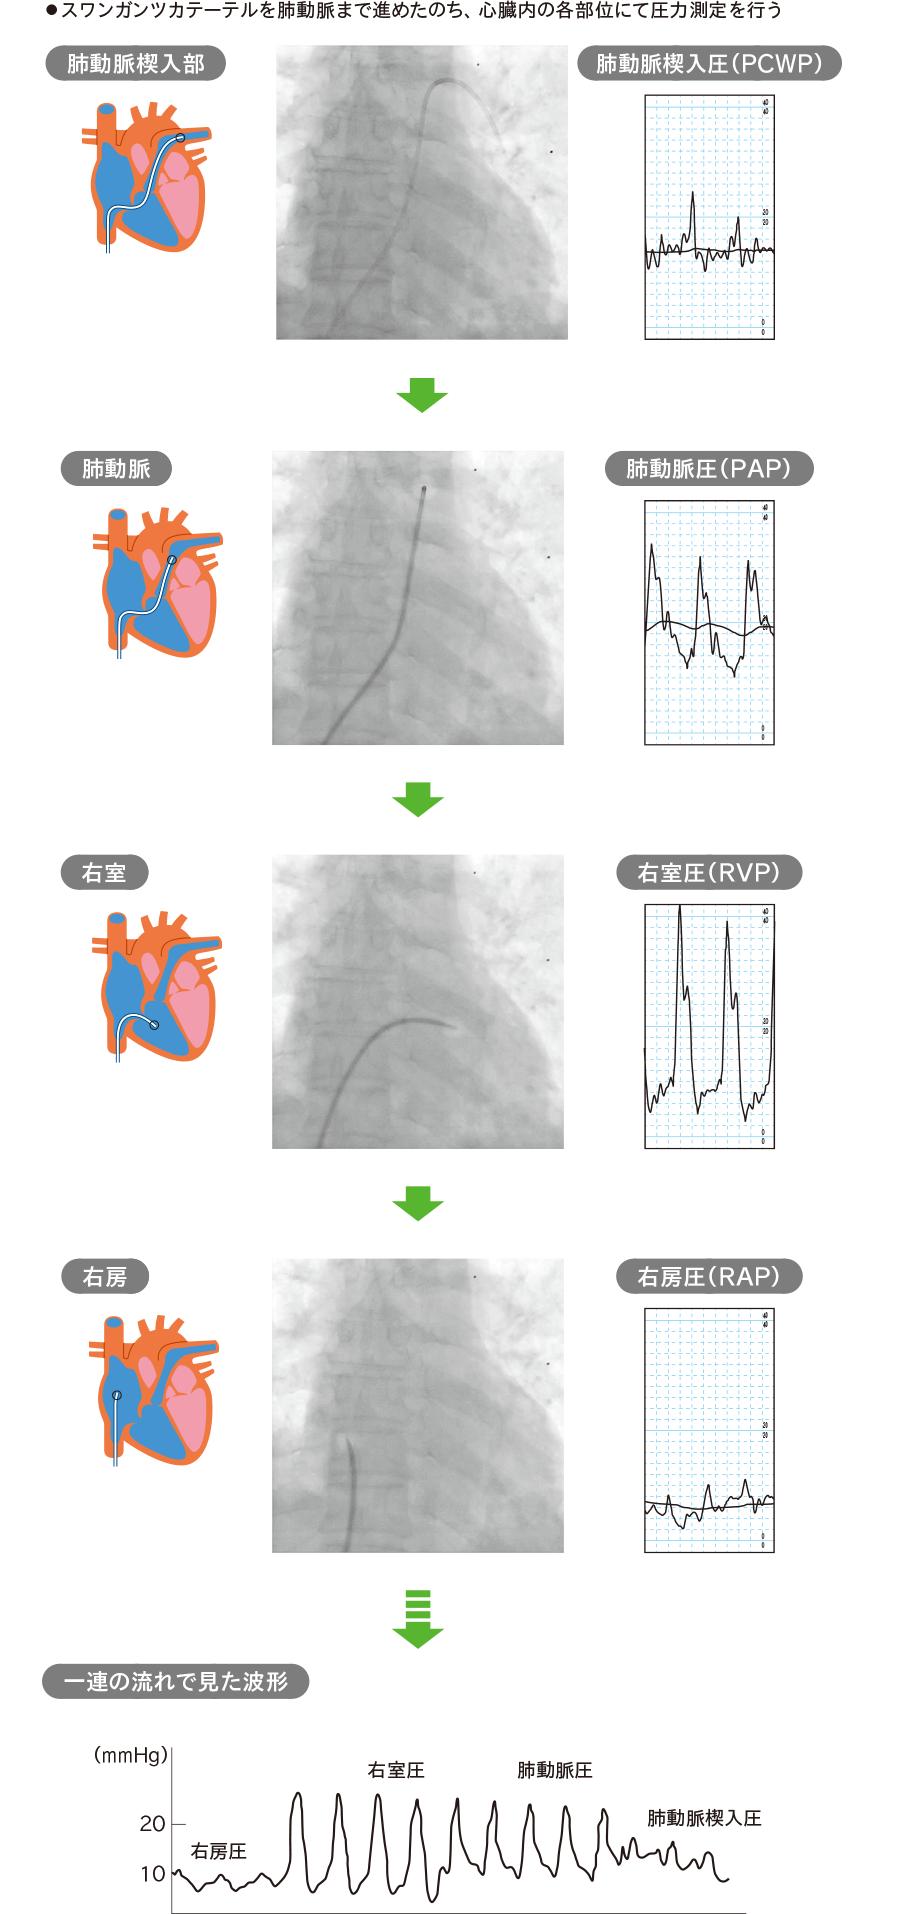 スワンガンツカテーテルの先端部位と圧波形(大腿静脈アプローチの場合)